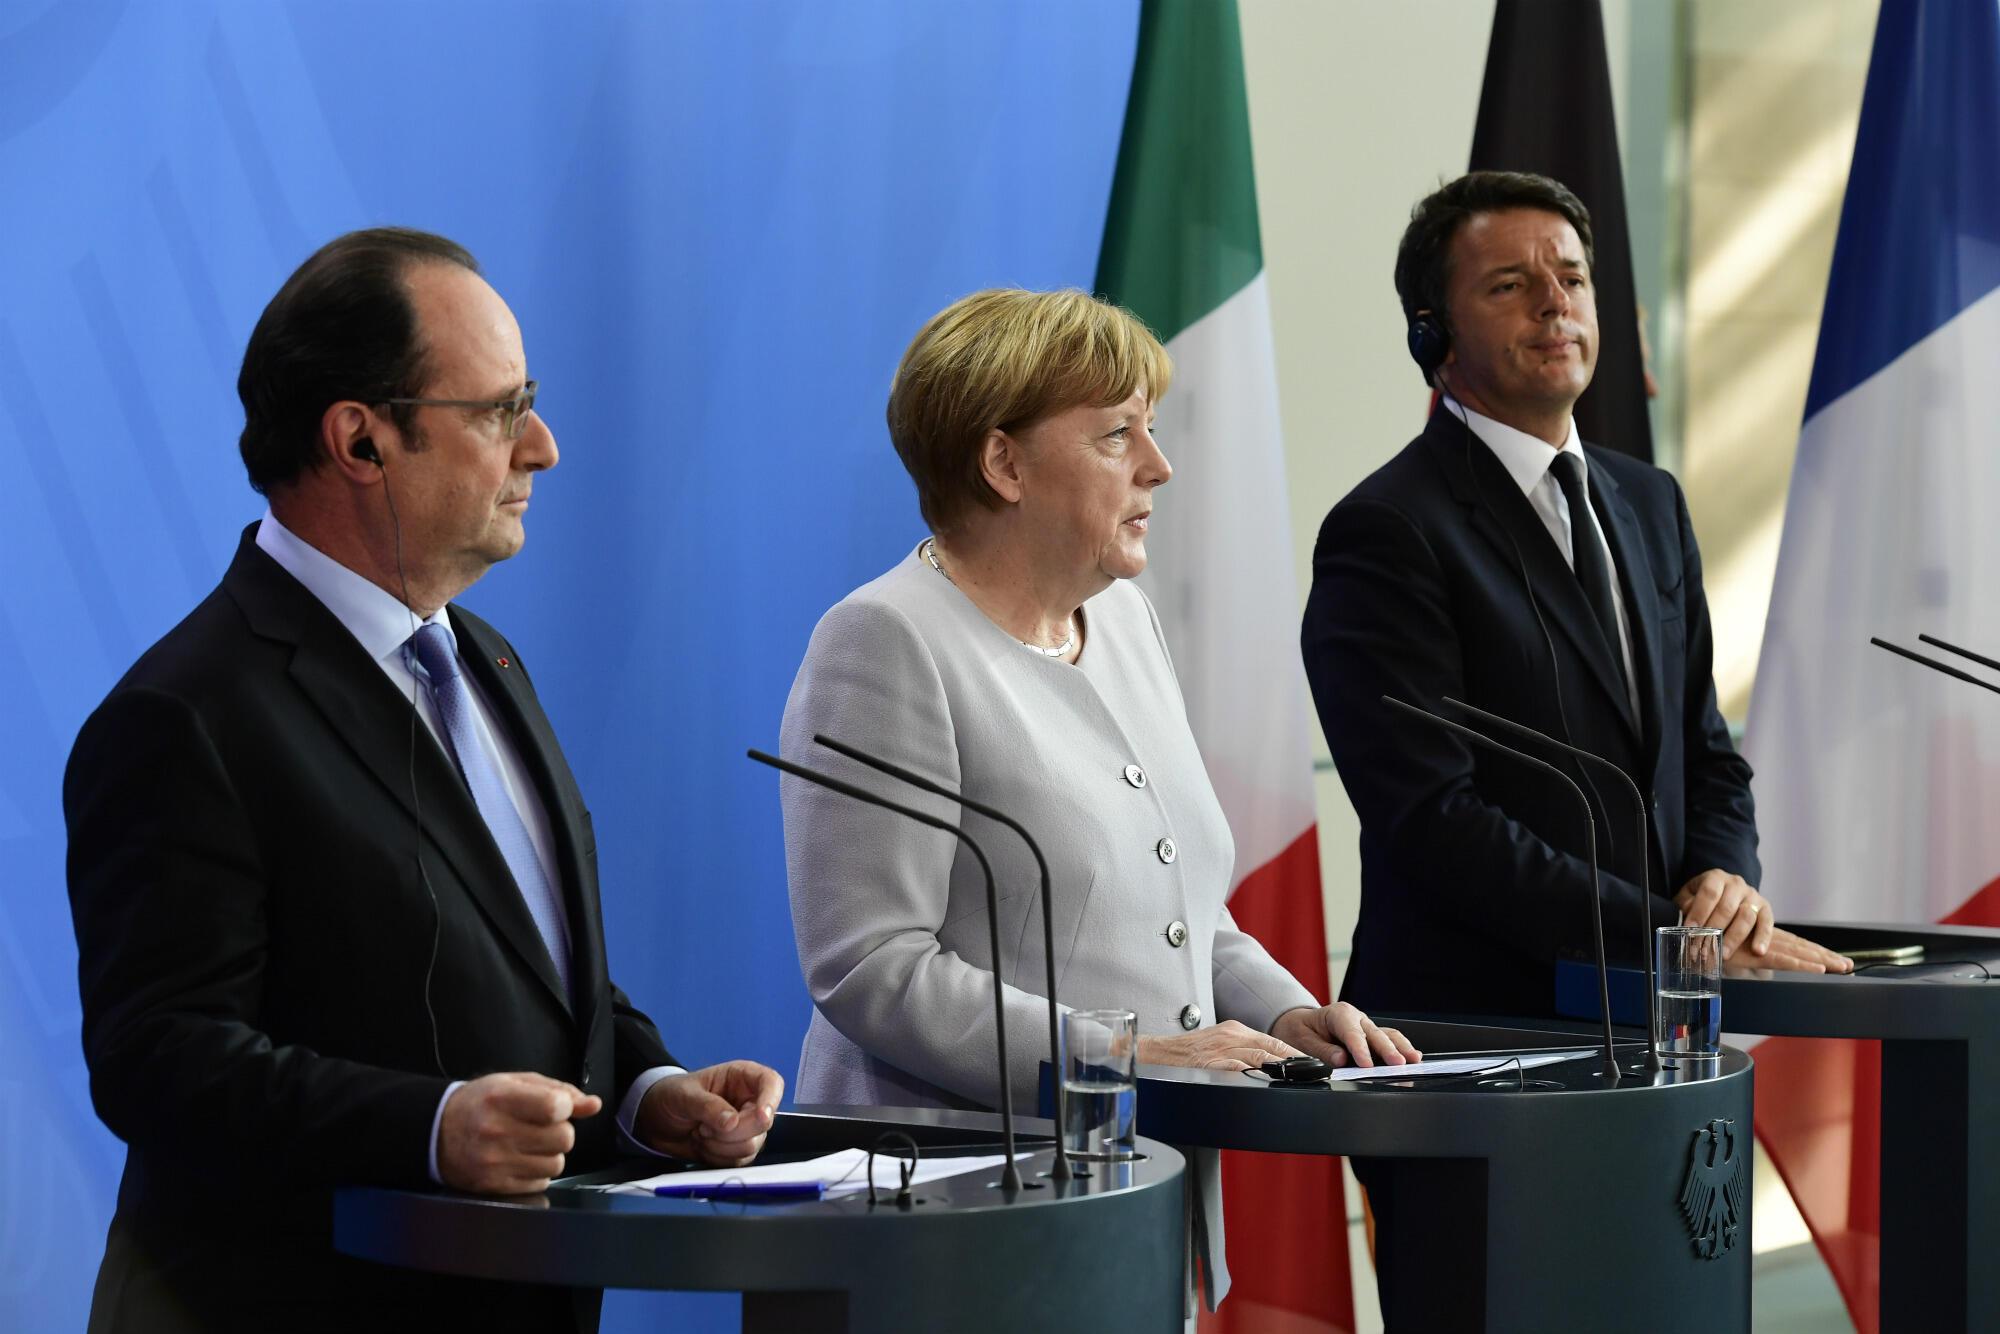 François Hollande, Angela Merkel et Matteo Renzi ont parlé d'une même voix, le 27 juin 2016 à Berlin, quatre jours après le Brexit.